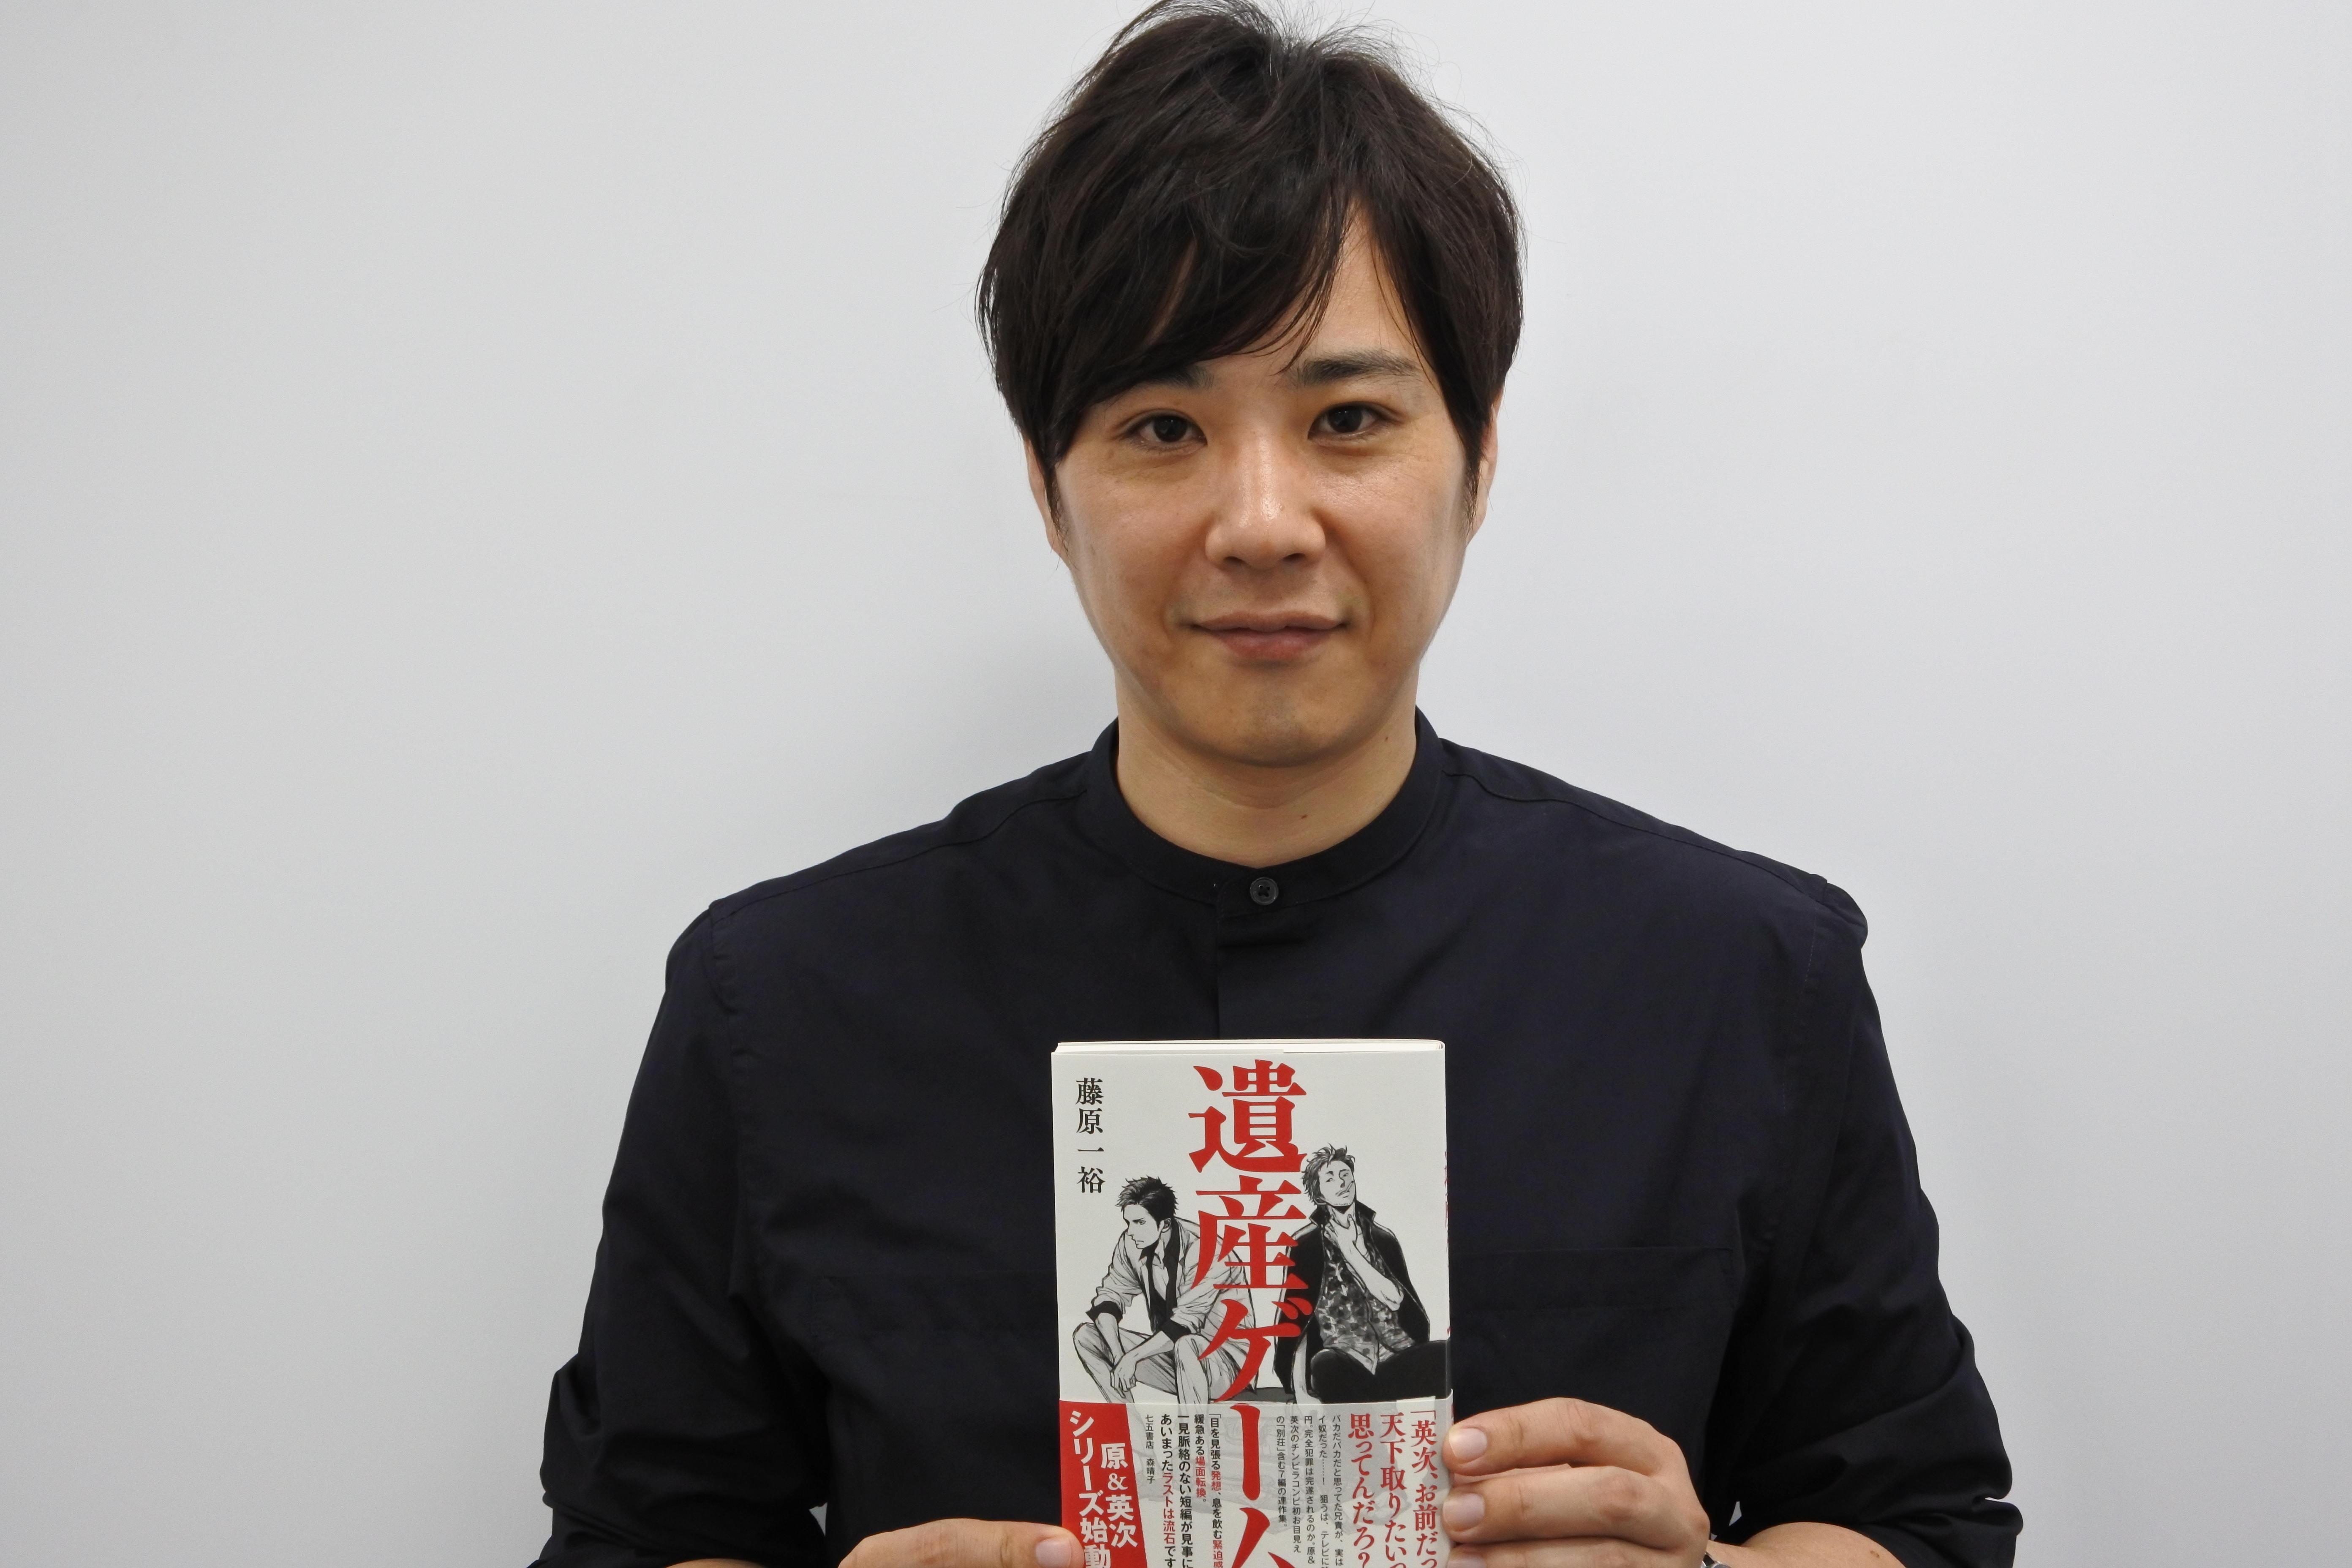 http://news.yoshimoto.co.jp/20170915101013-de46ec870ba79fd6403747717a193beb6c7e1994.jpg